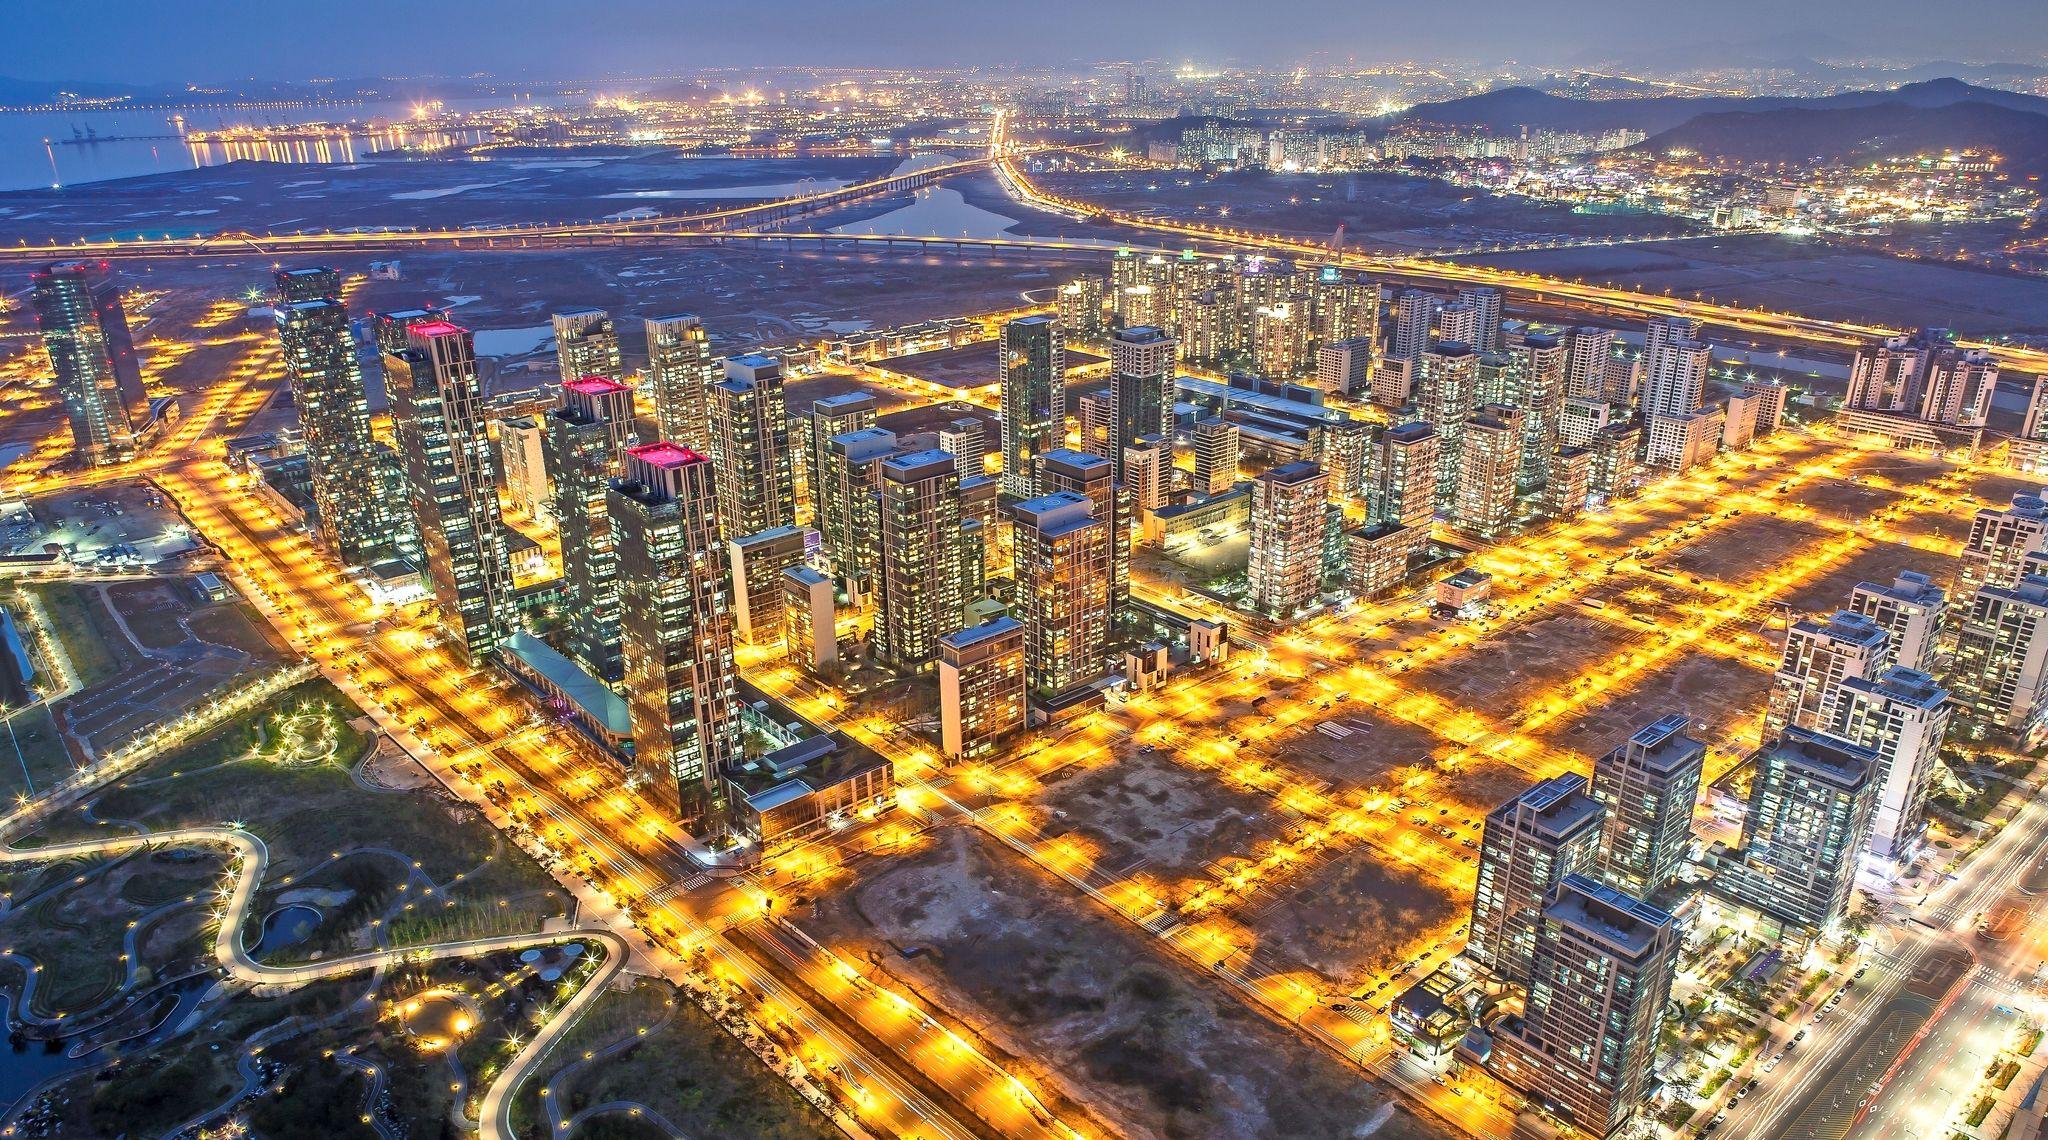 Eine Metropole wie eine Computer-Platine.  Tech-Konzerne und Stadtplaner tüfteln an Smart Citys, in denen digitale Vernetzung und riesige Datenströme alles regeln.    SonntagsZeitung, 1. November 2015      dok.sonntagszeitung.ch